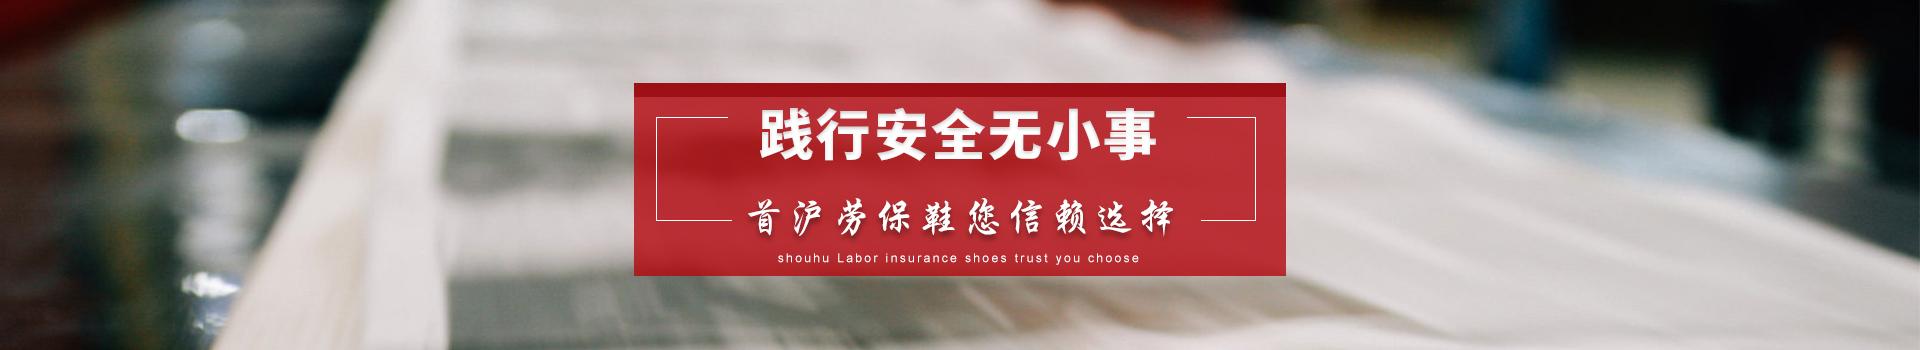 首沪劳保鞋您信赖选择